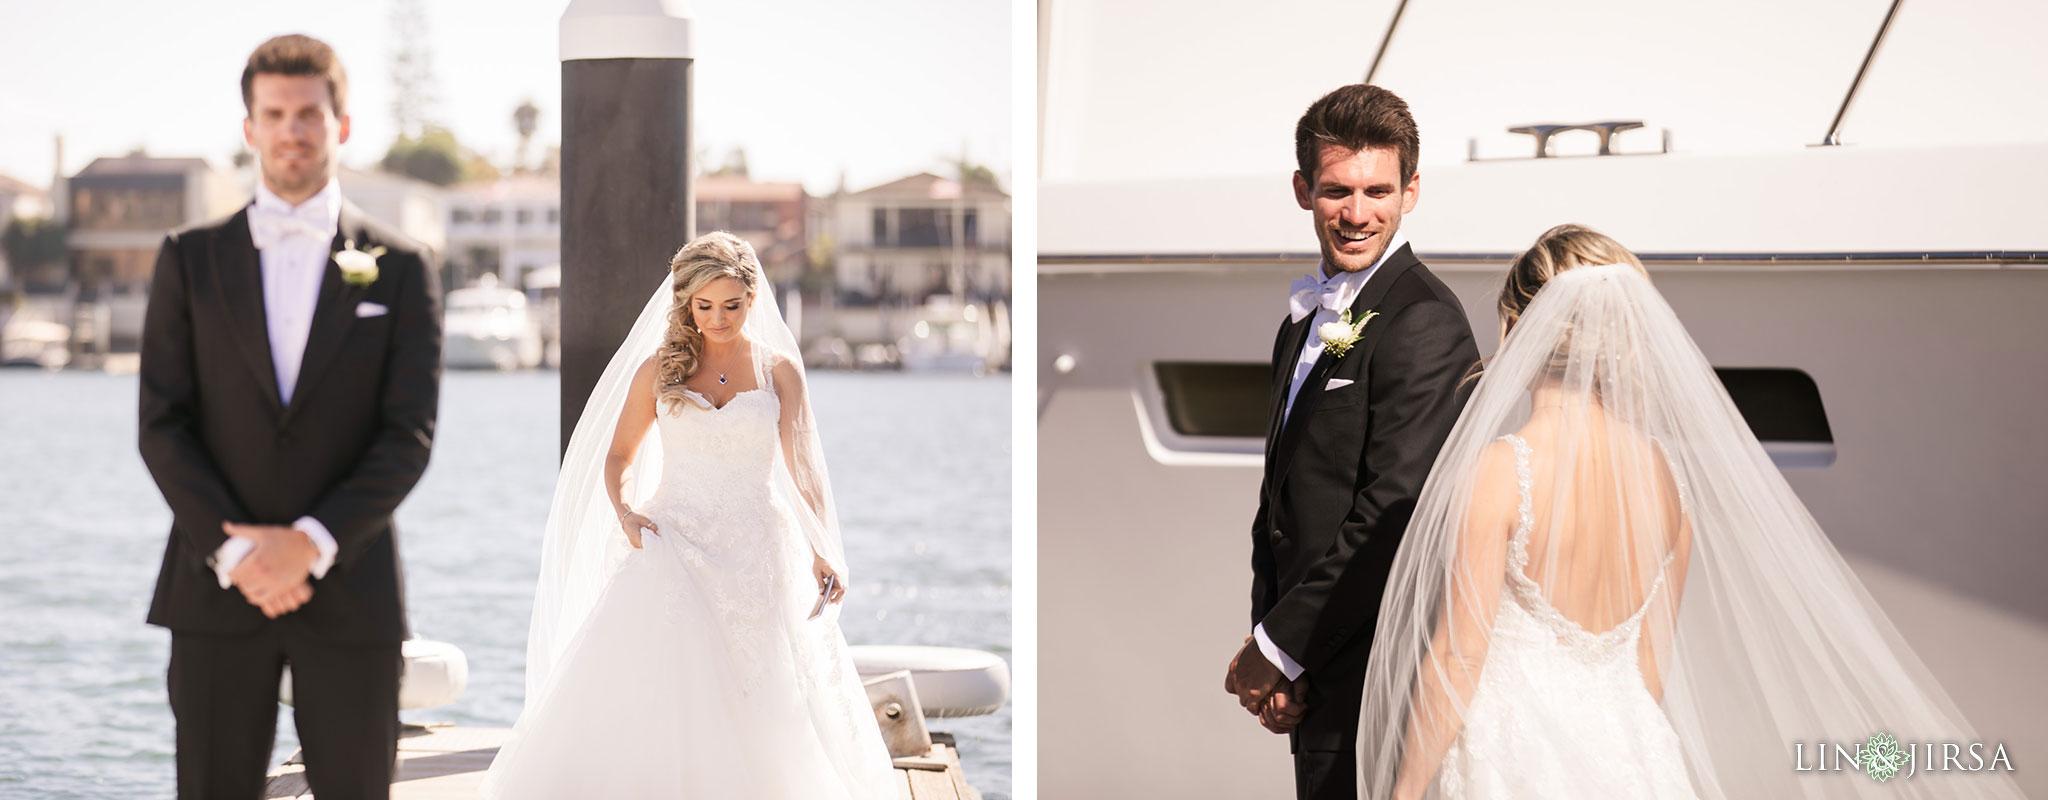 13 balboa bay wedding newport photography